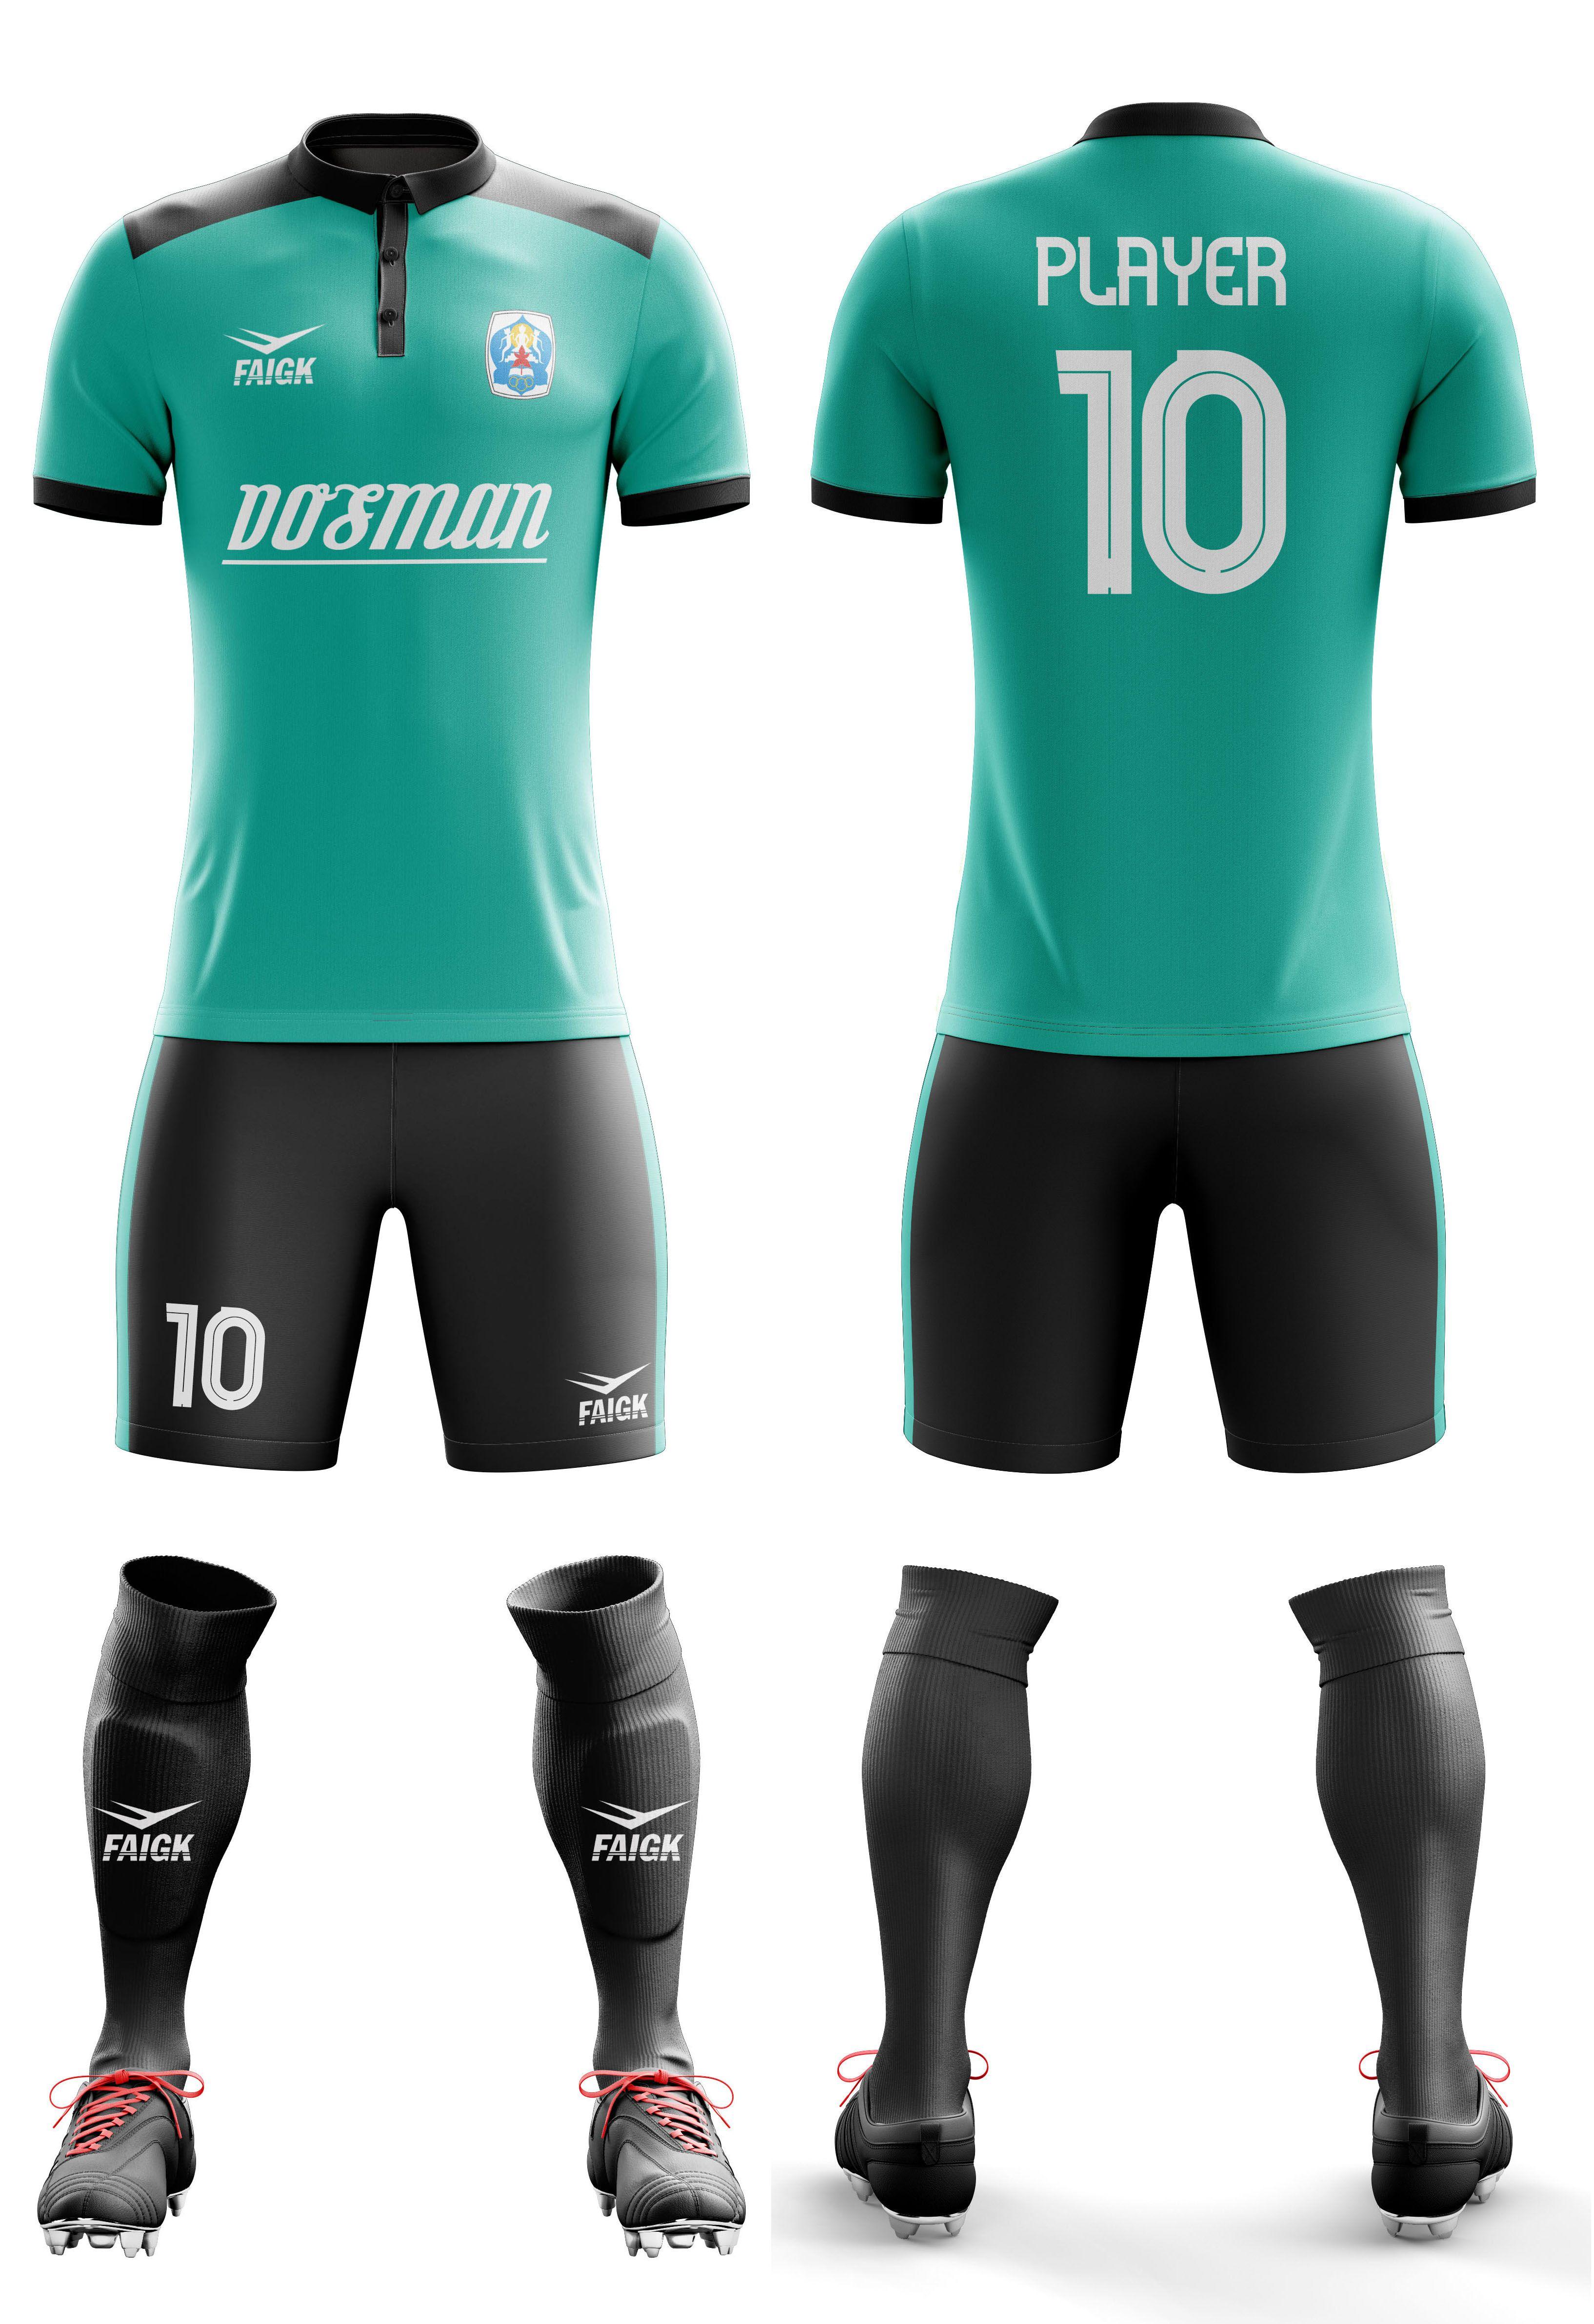 Download 60 Kumpulan Desain Baju Futsal Baju Olahraga Sepak Bola Desain